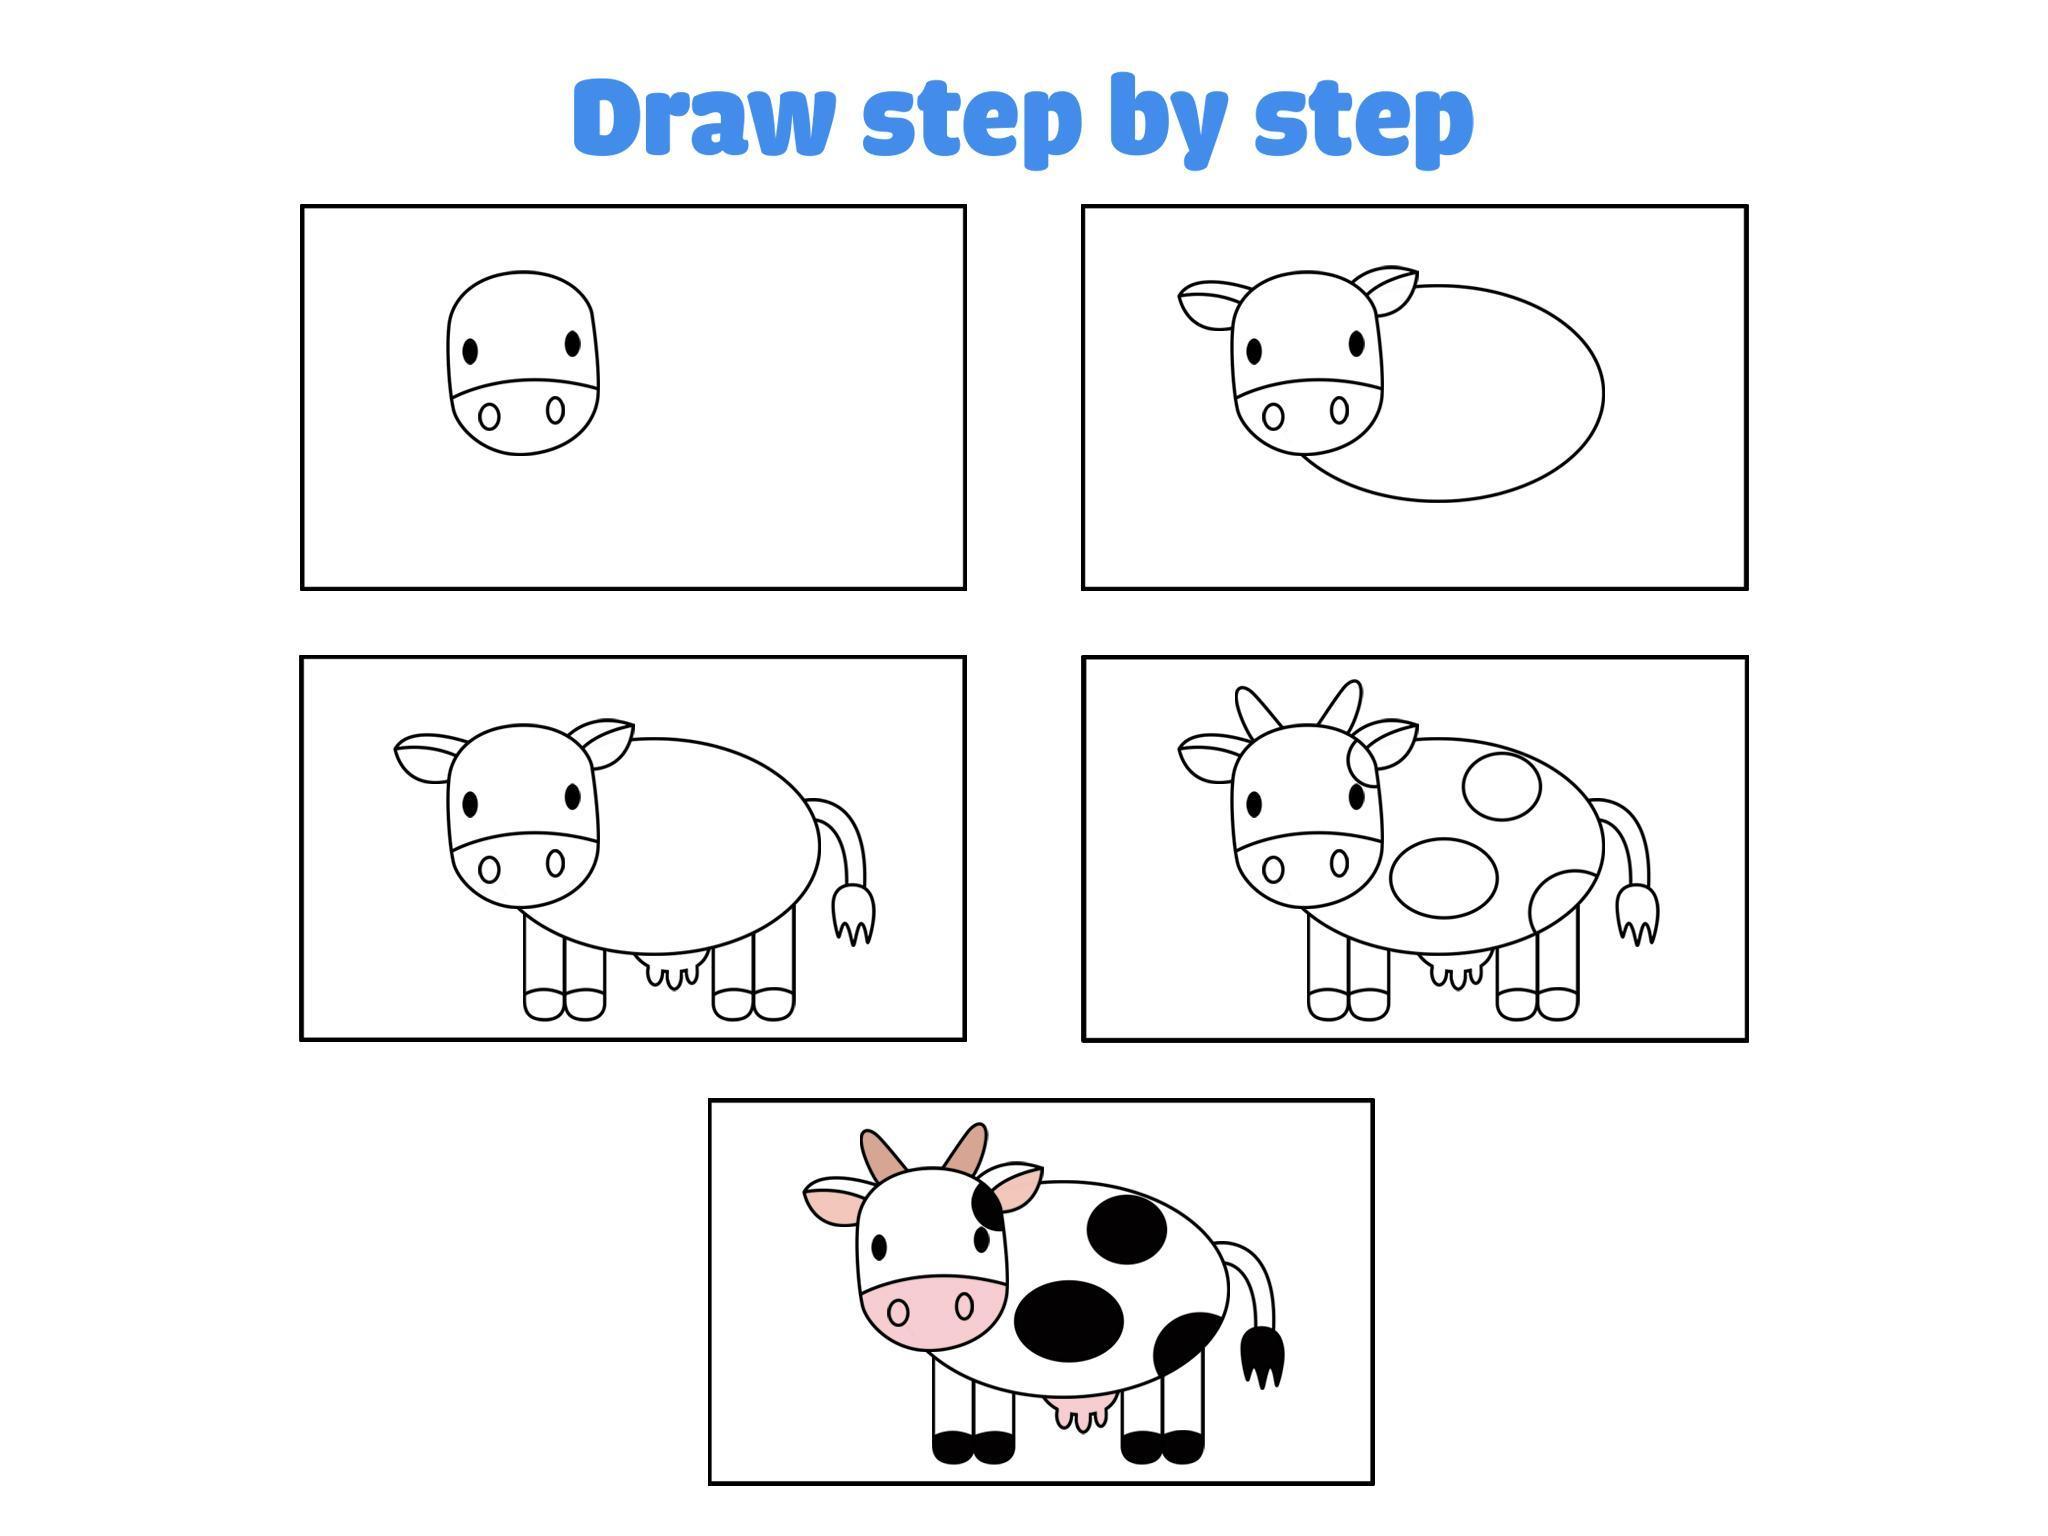 Malen Für Kinder : Zeichnen Lernen Tiere Für Android - Apk bestimmt für Kinder Zeichnen Lernen